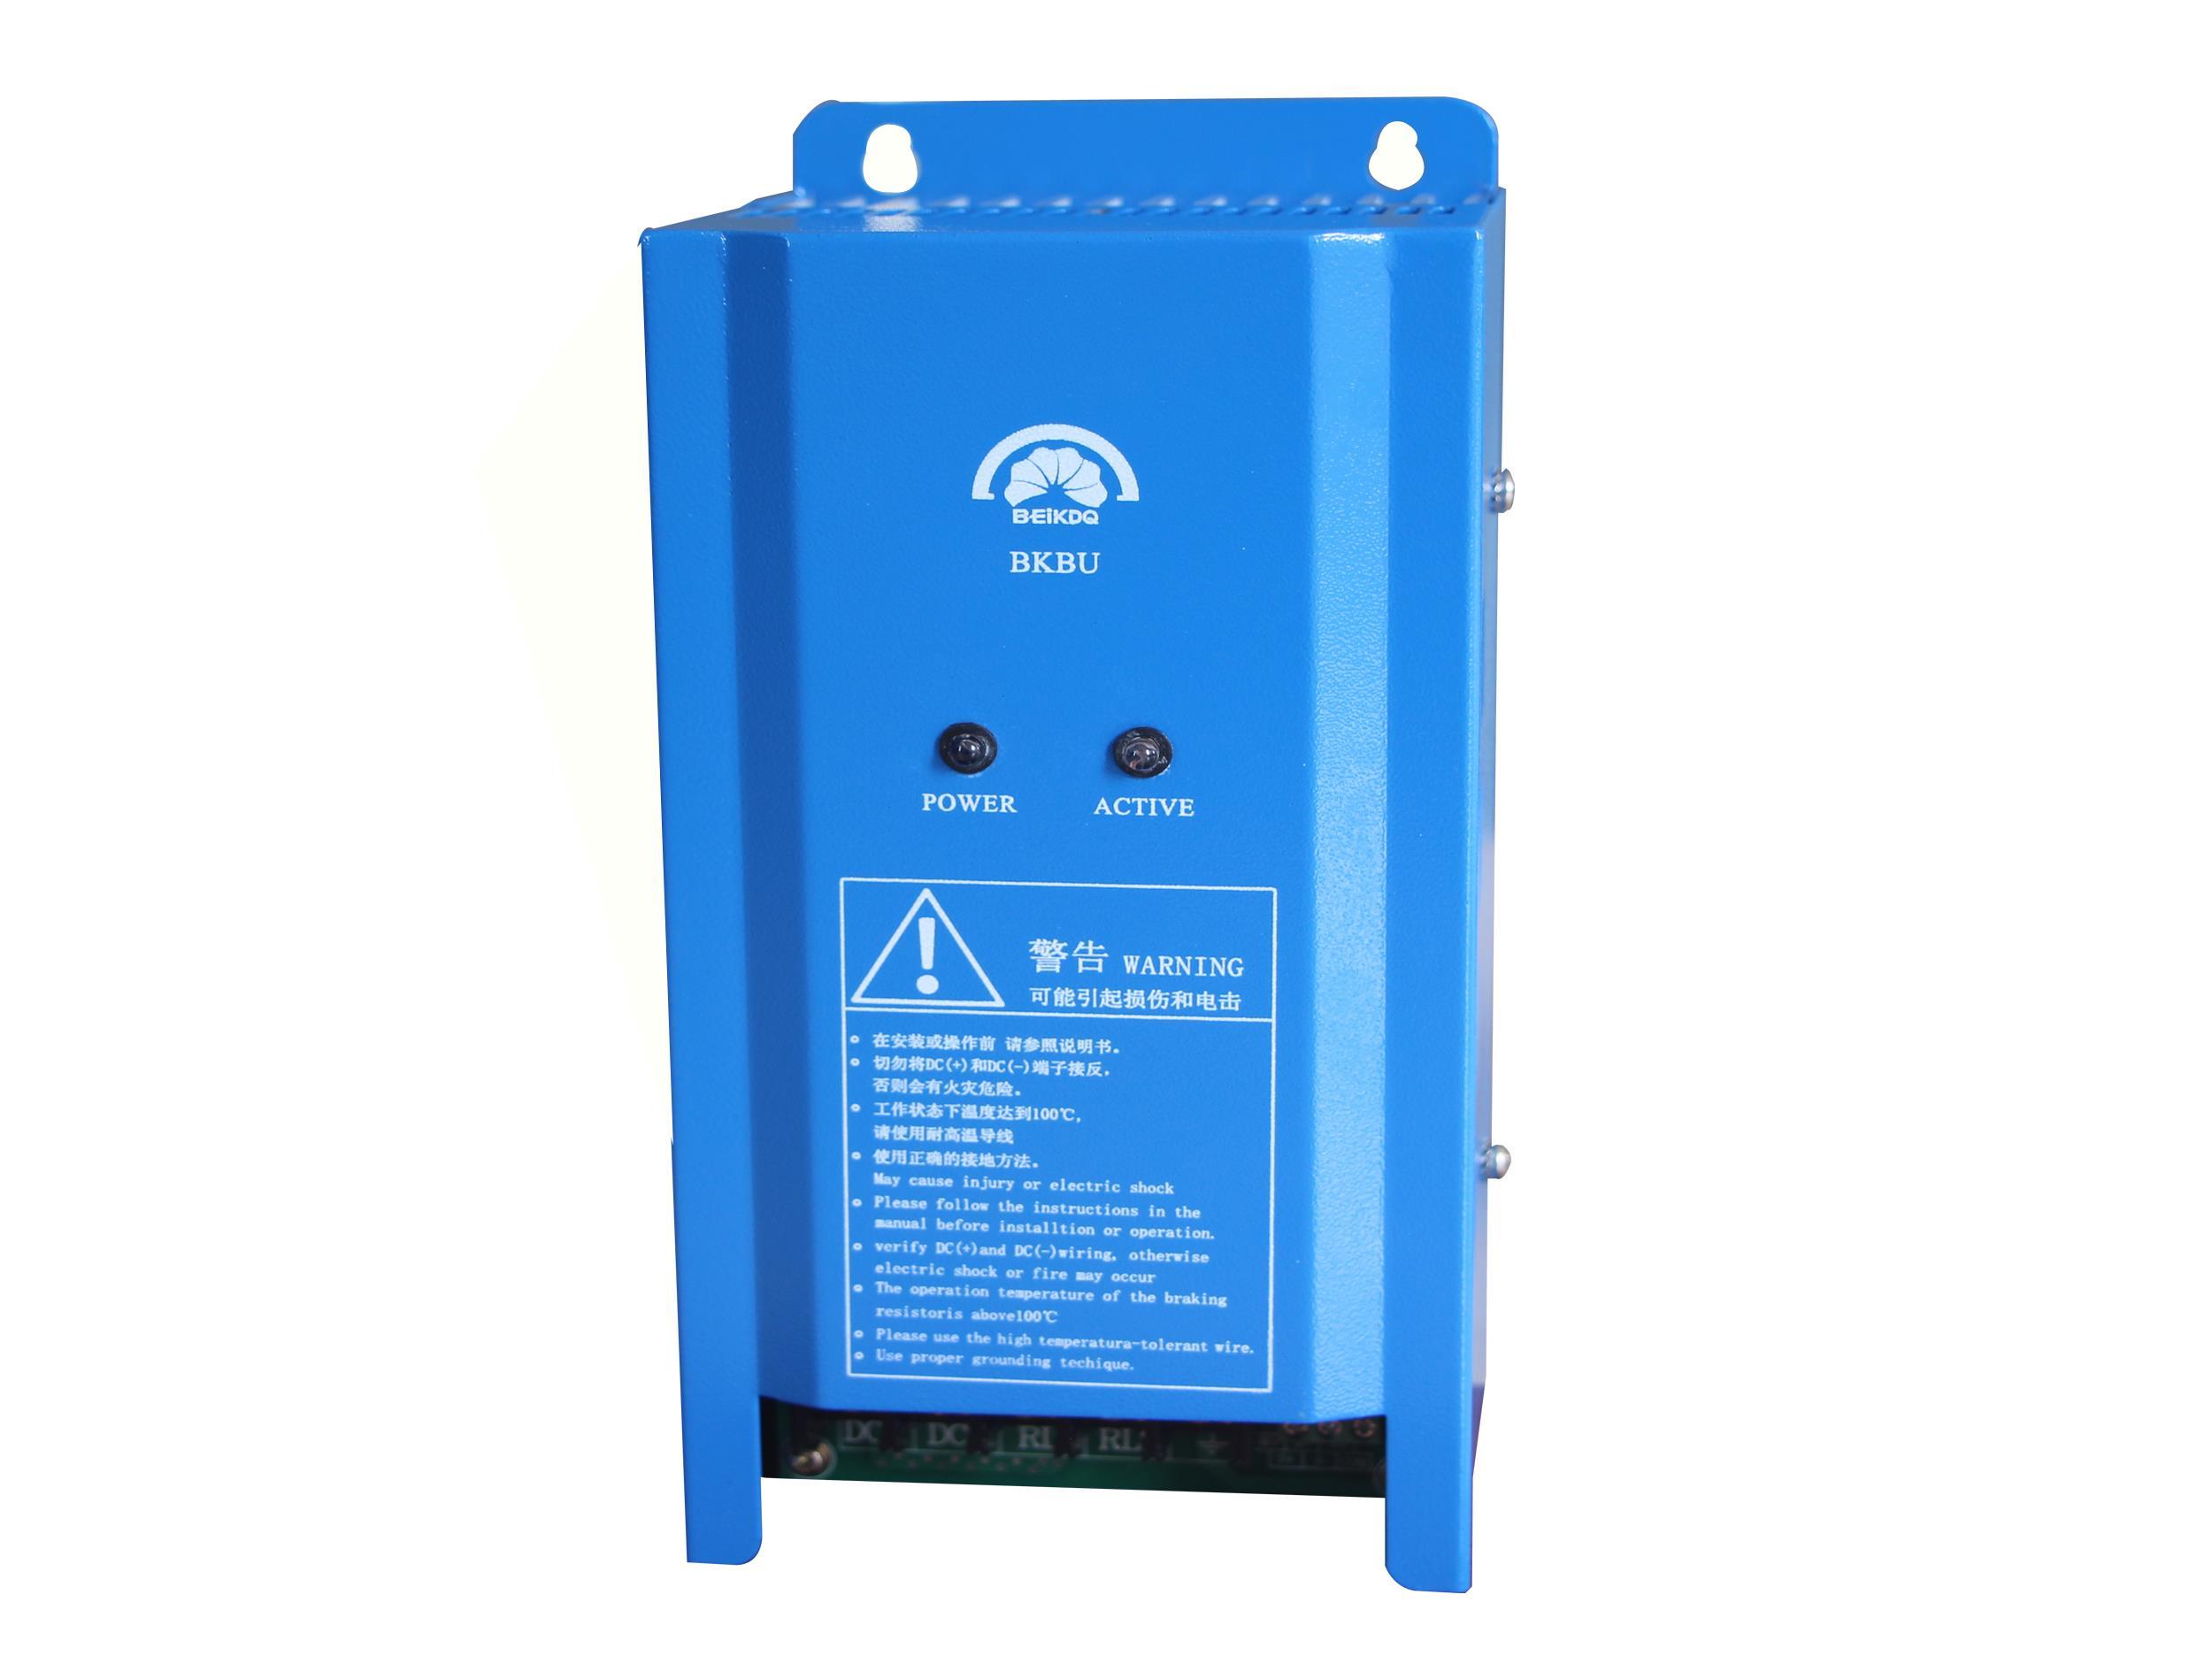 厂家直销原装变频器制动单元BKDR1L 380V 0.75-22KW轻载斩波器